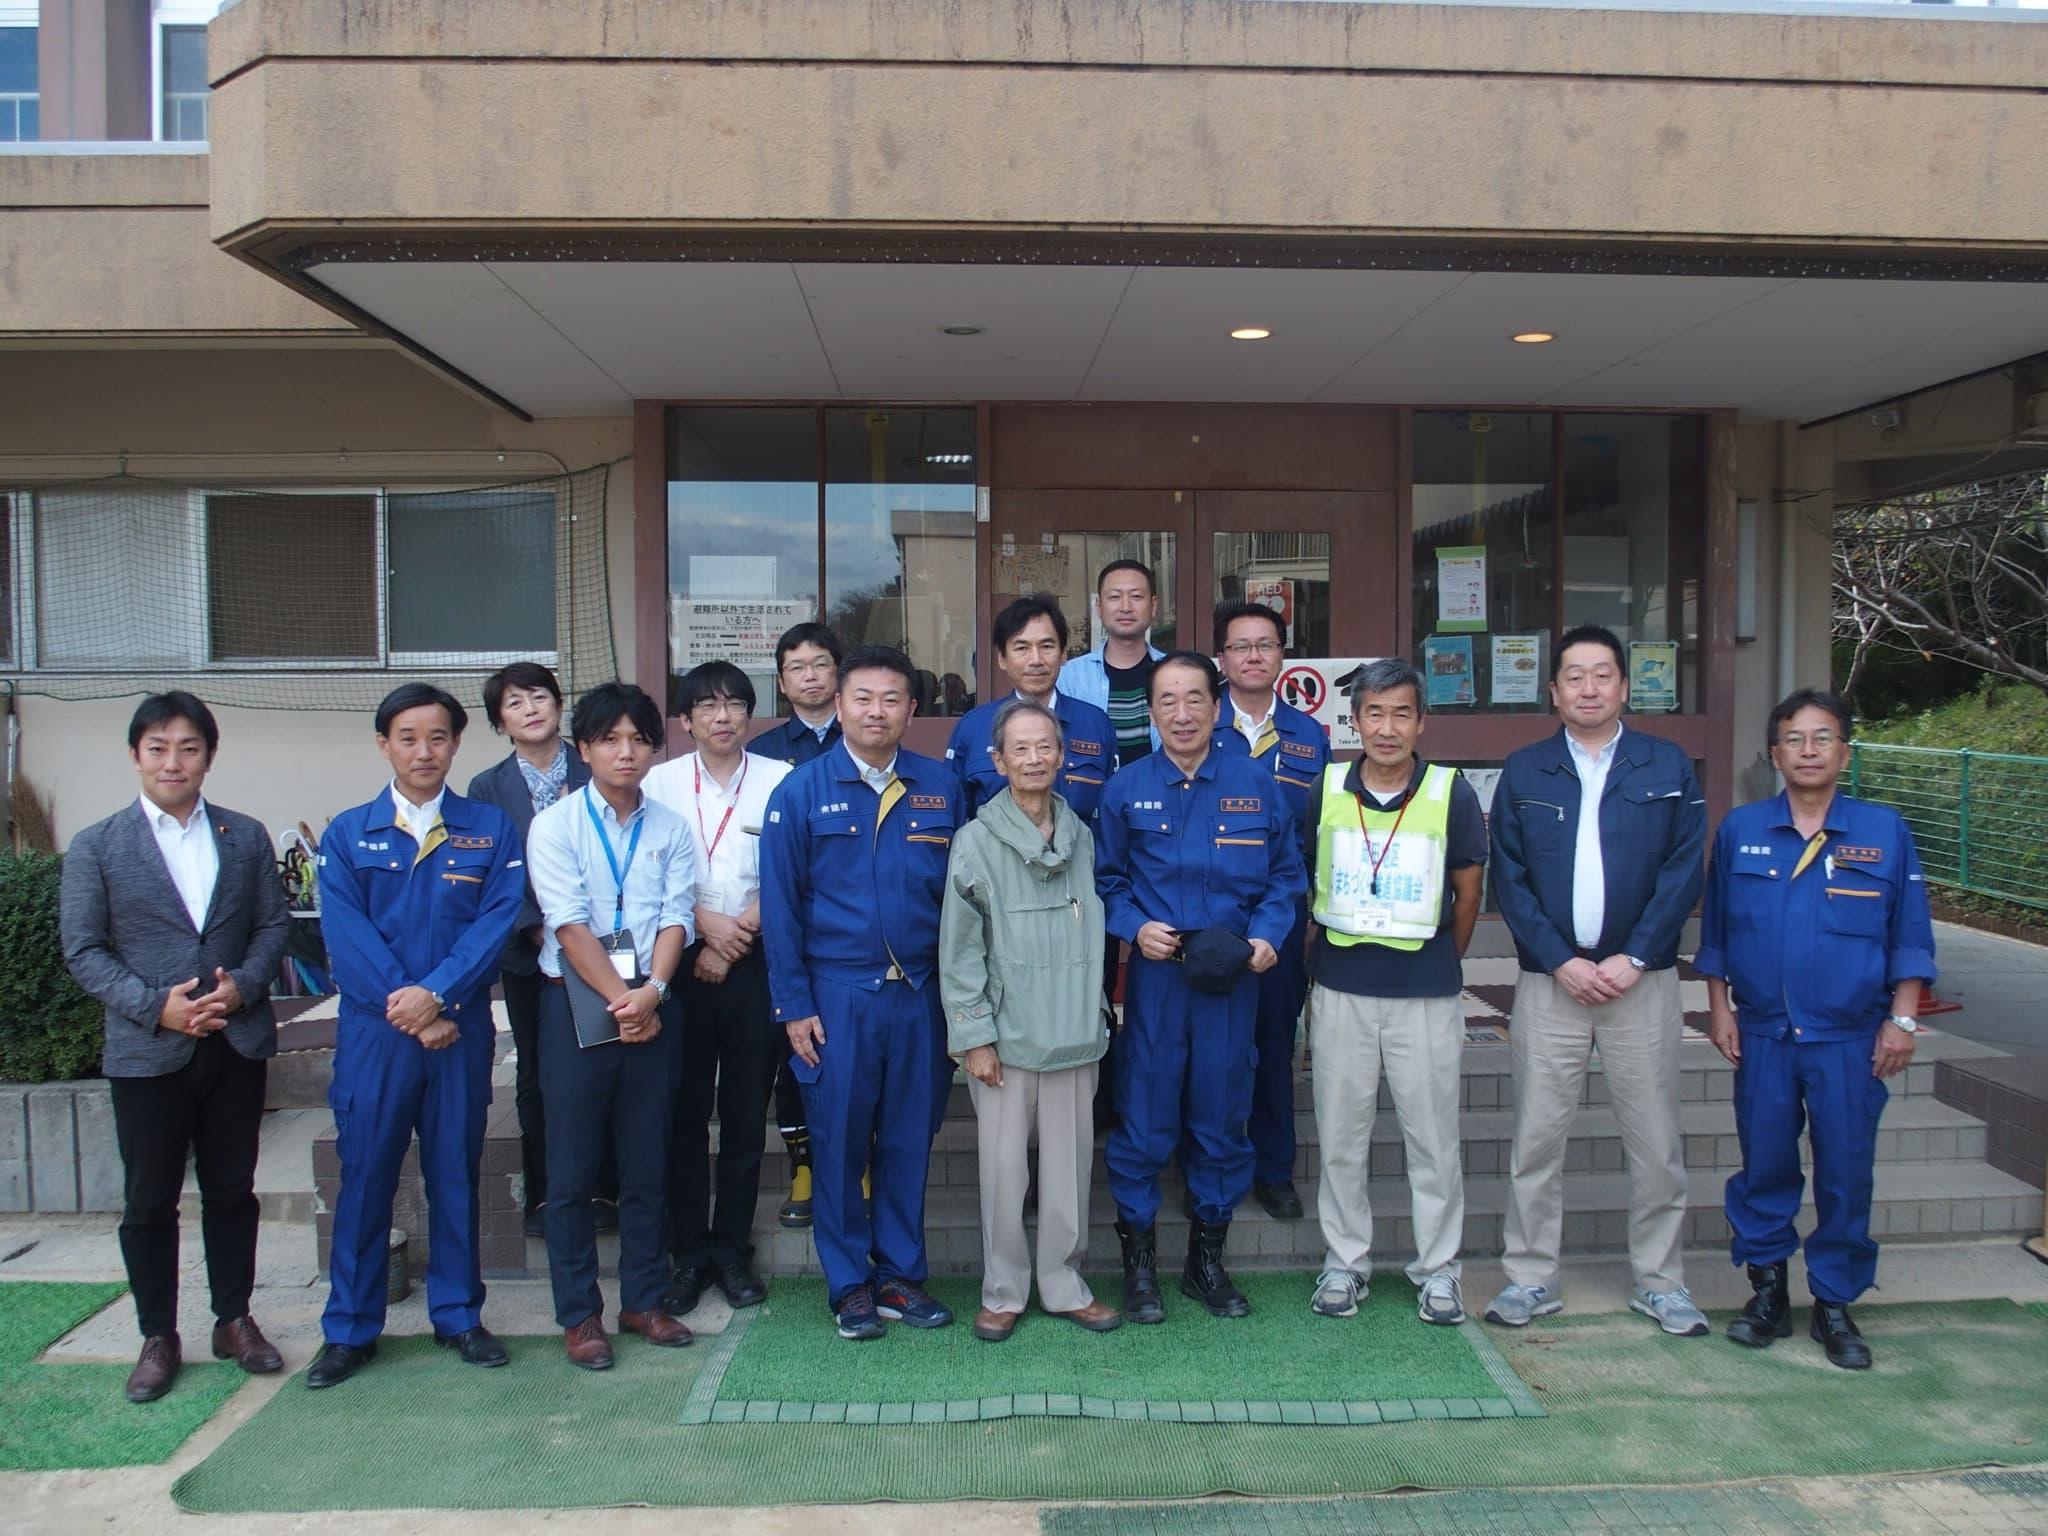 県内最大の避難所となった岡田小学校を訪ねました。